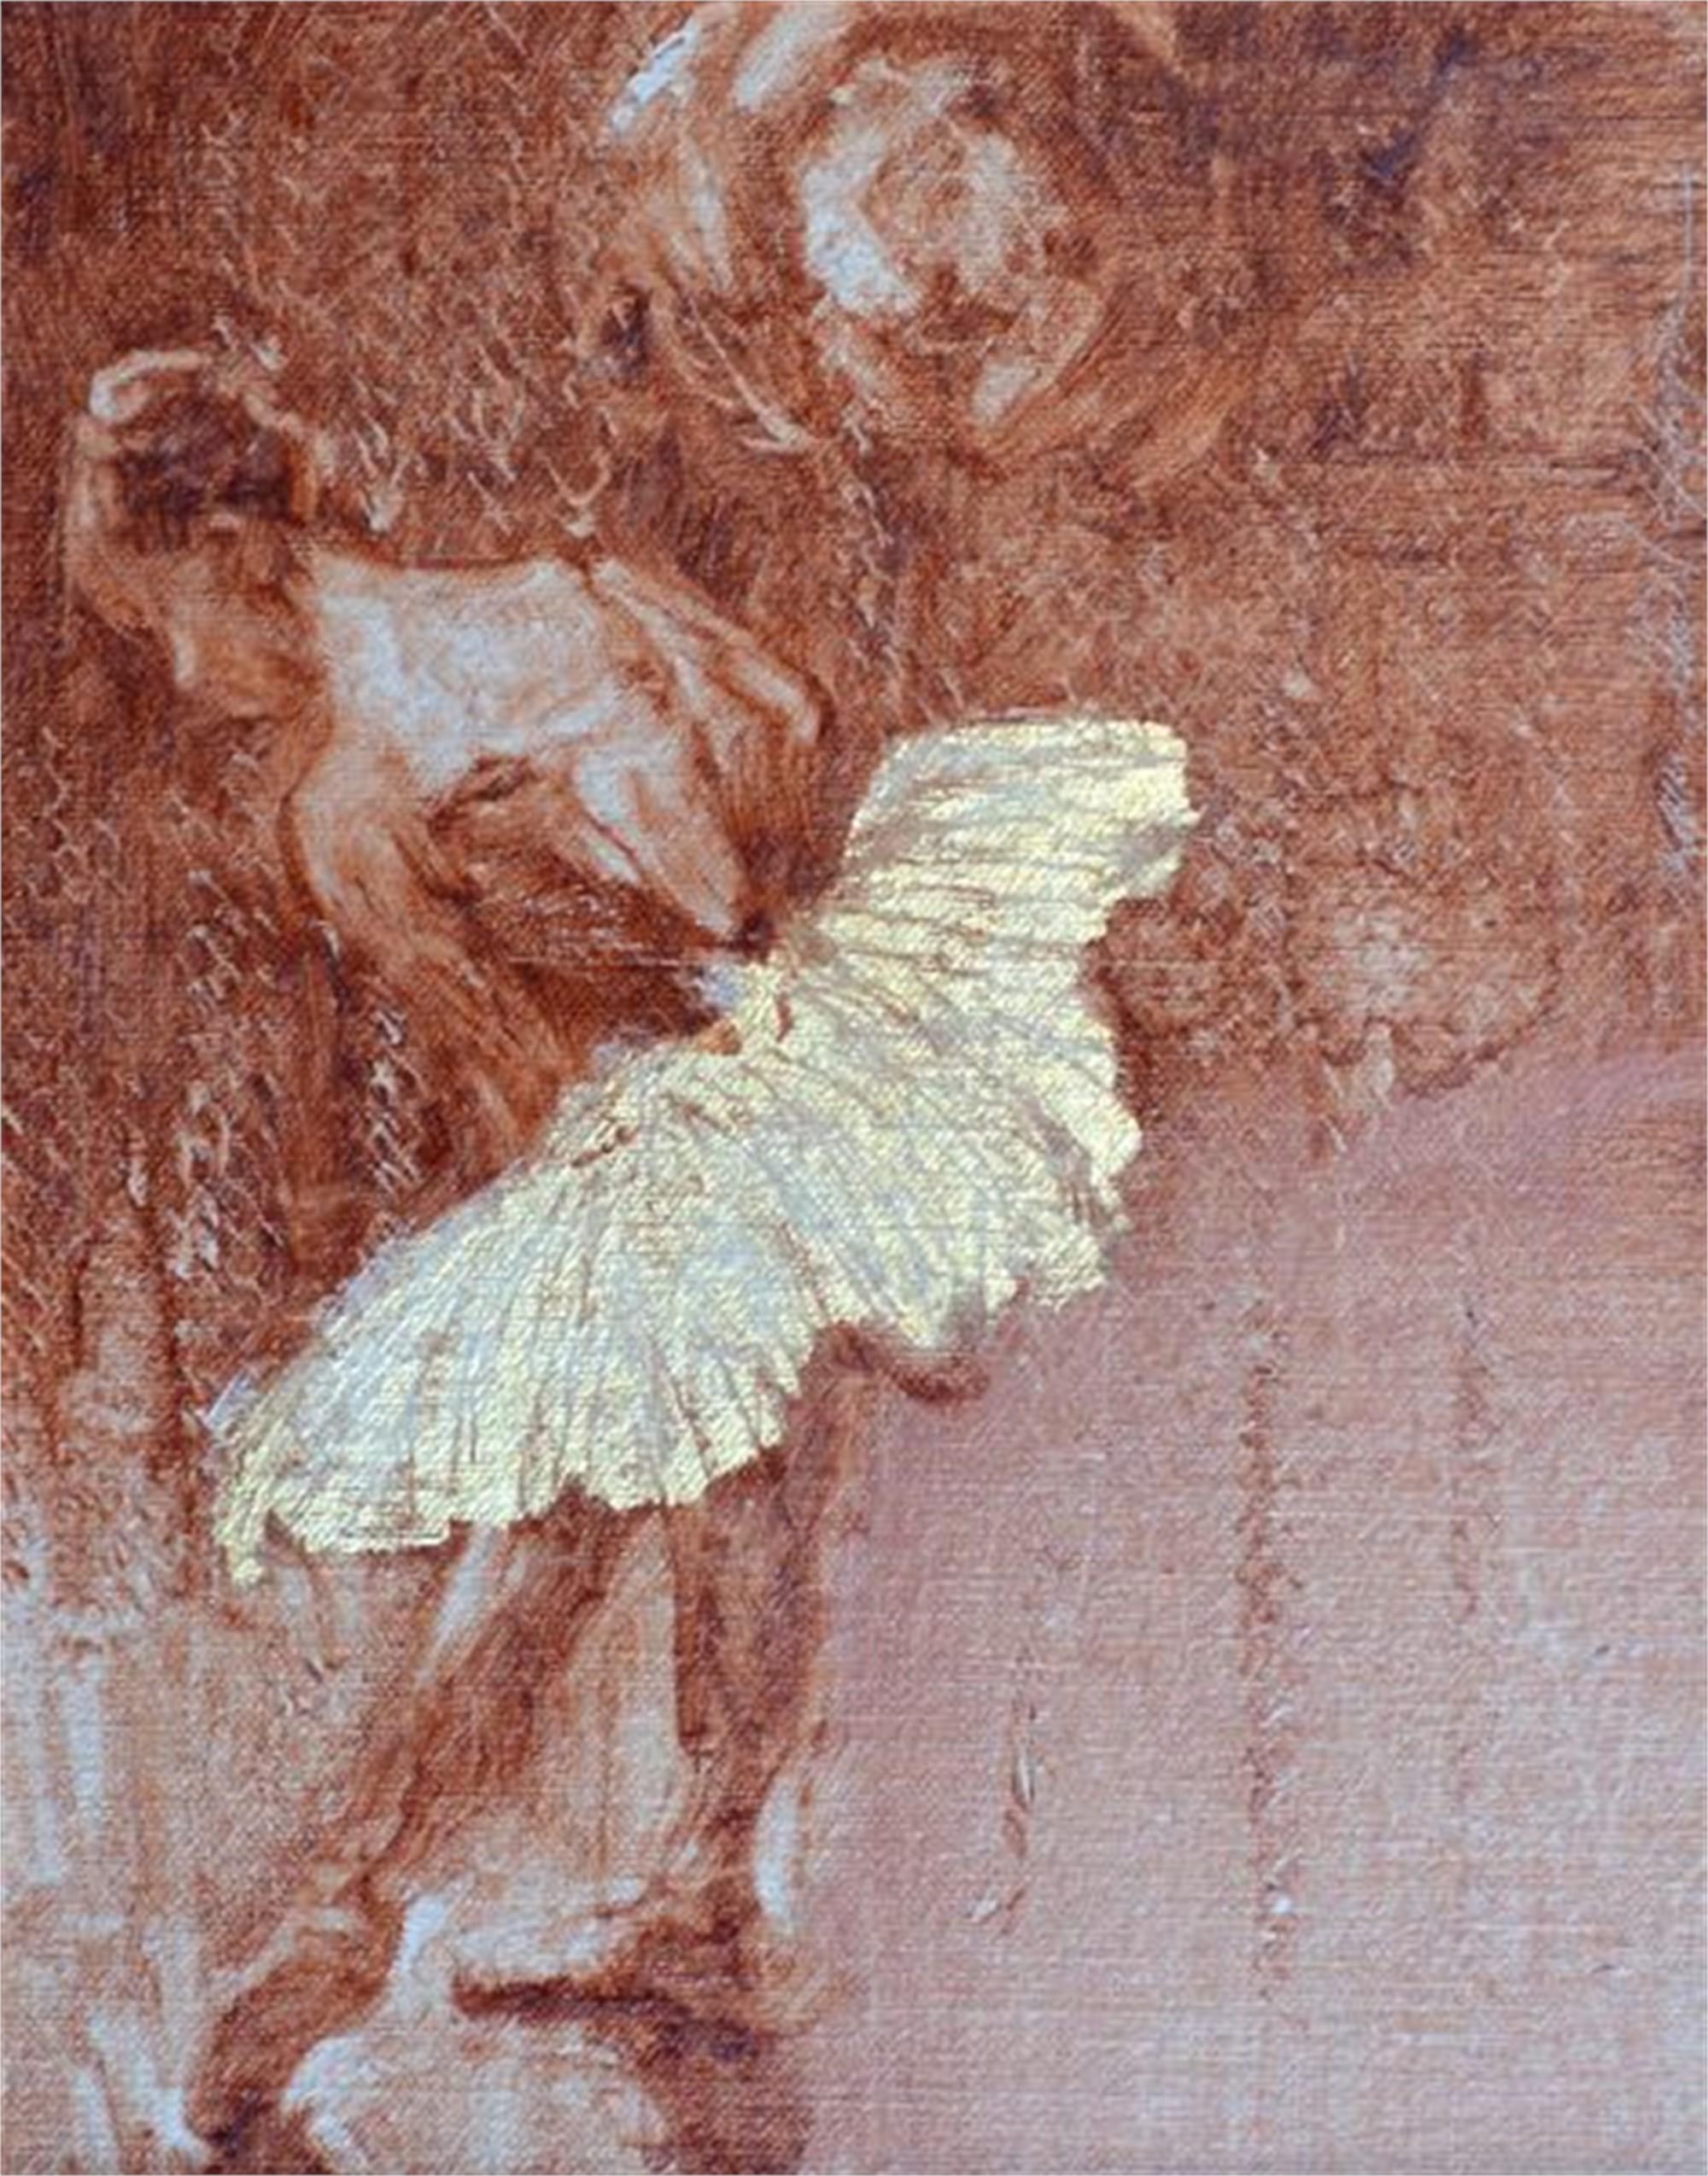 Dancer with Gold Skirt by Karen Hewitt Hagan